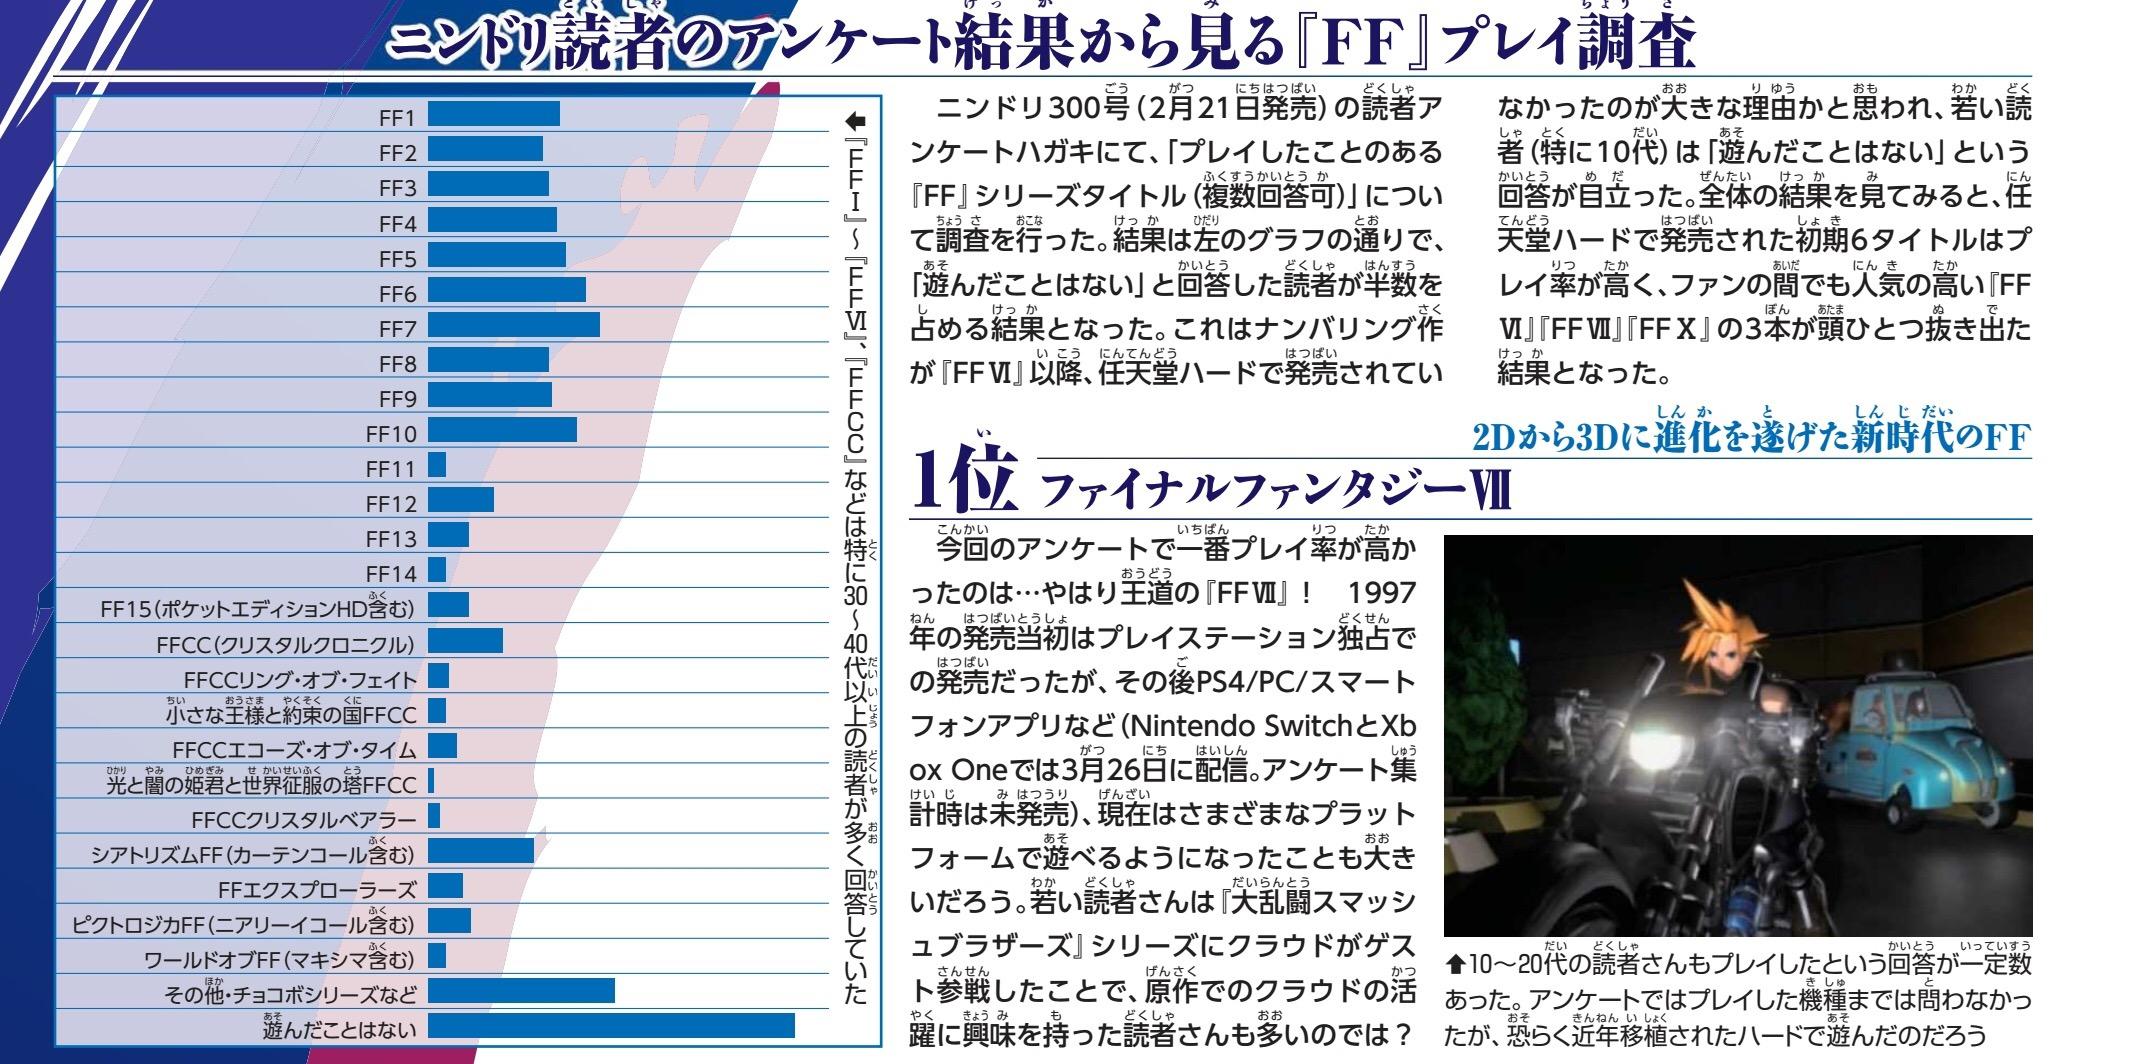 GOe1rdX 1 - 【悲報】任天堂専門誌がFFへのアンケを取った結果、遊んだことがないがぶっちぎりで1位になる